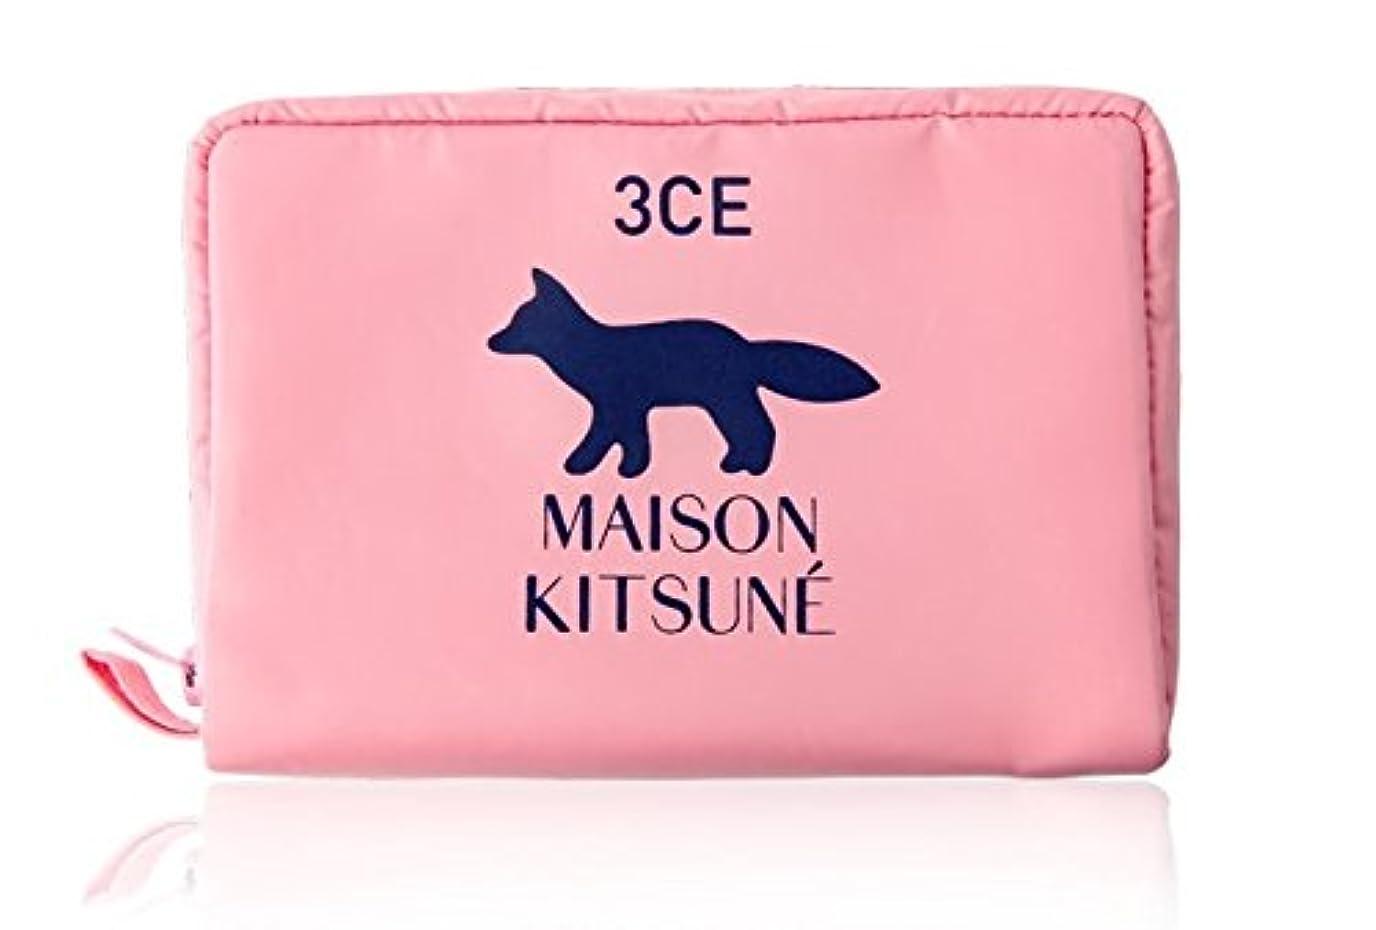 競うロシア正気3CE MAISON KITSUNE POUCH #PINK ポーチ ピンク